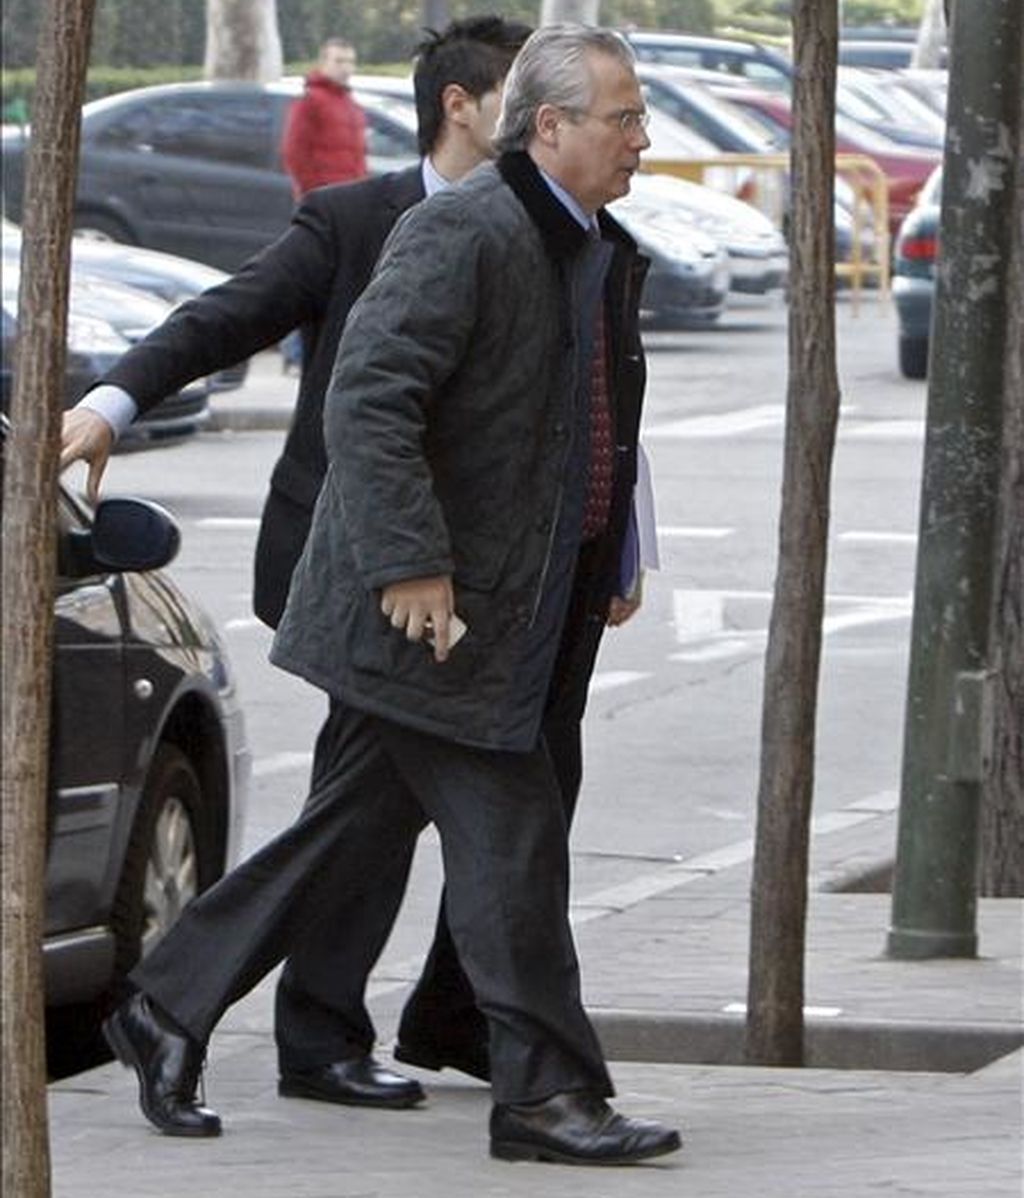 El juez de la Audiencia Nacional Baltasar Garzón. EFE/Archivo